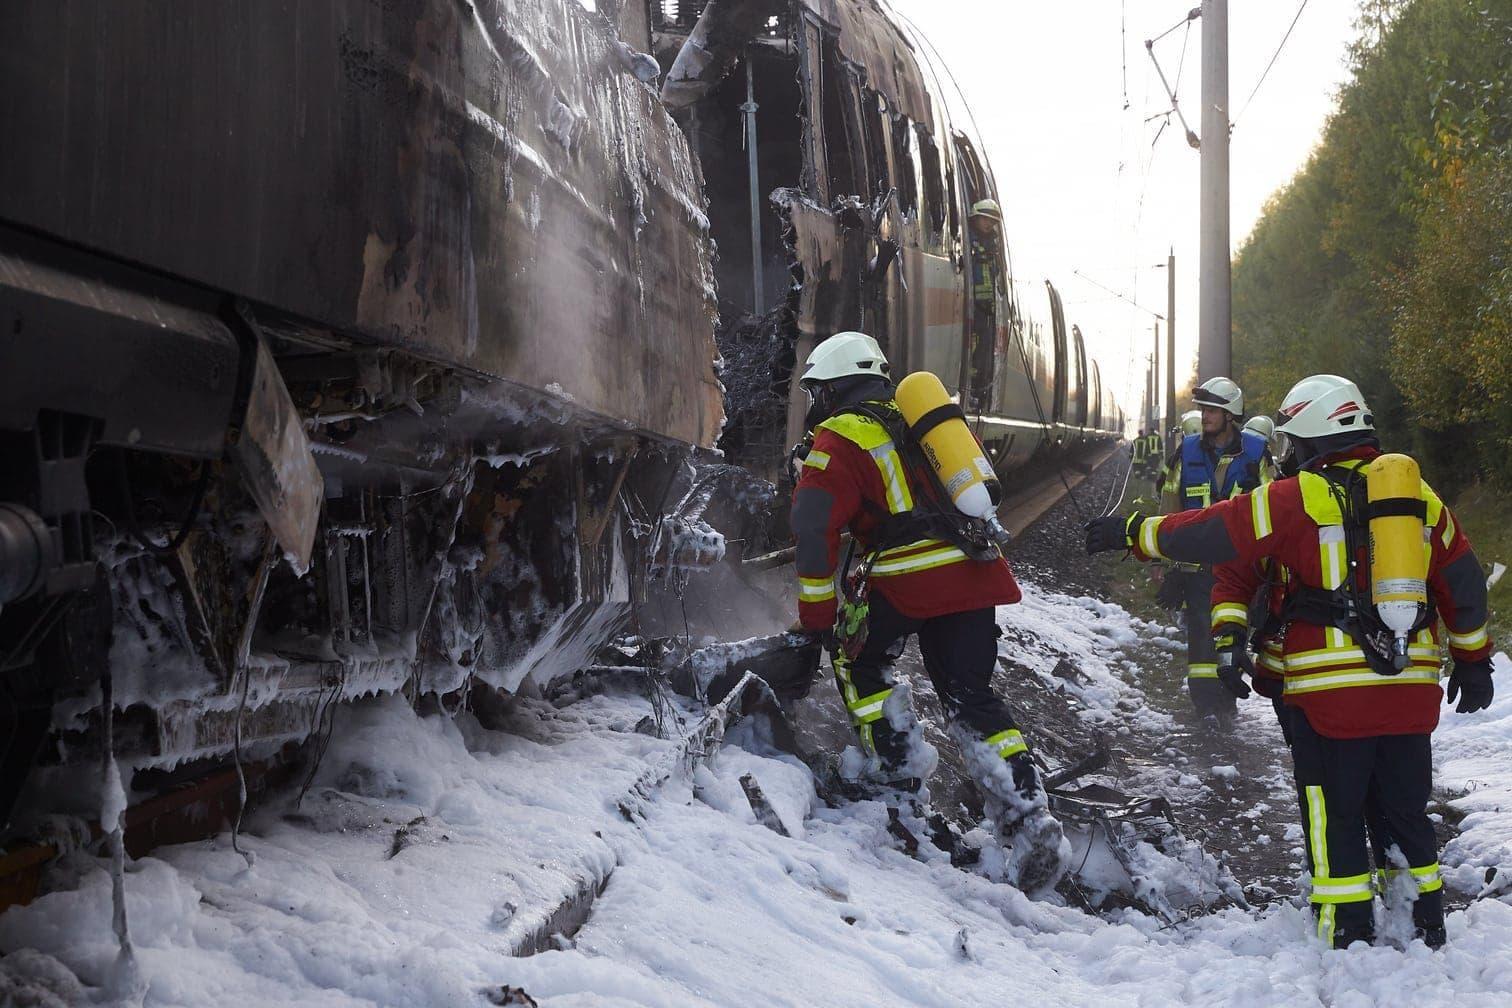 <p>Das Feuer war bei Dierdorf in der Nähe von Neuwied in Rheinland-Pfalz ausgebrochen. 510 Passagiere wurden aus dem stehenden Zug gebracht.</p> Foto: dpa/Thomas Frey